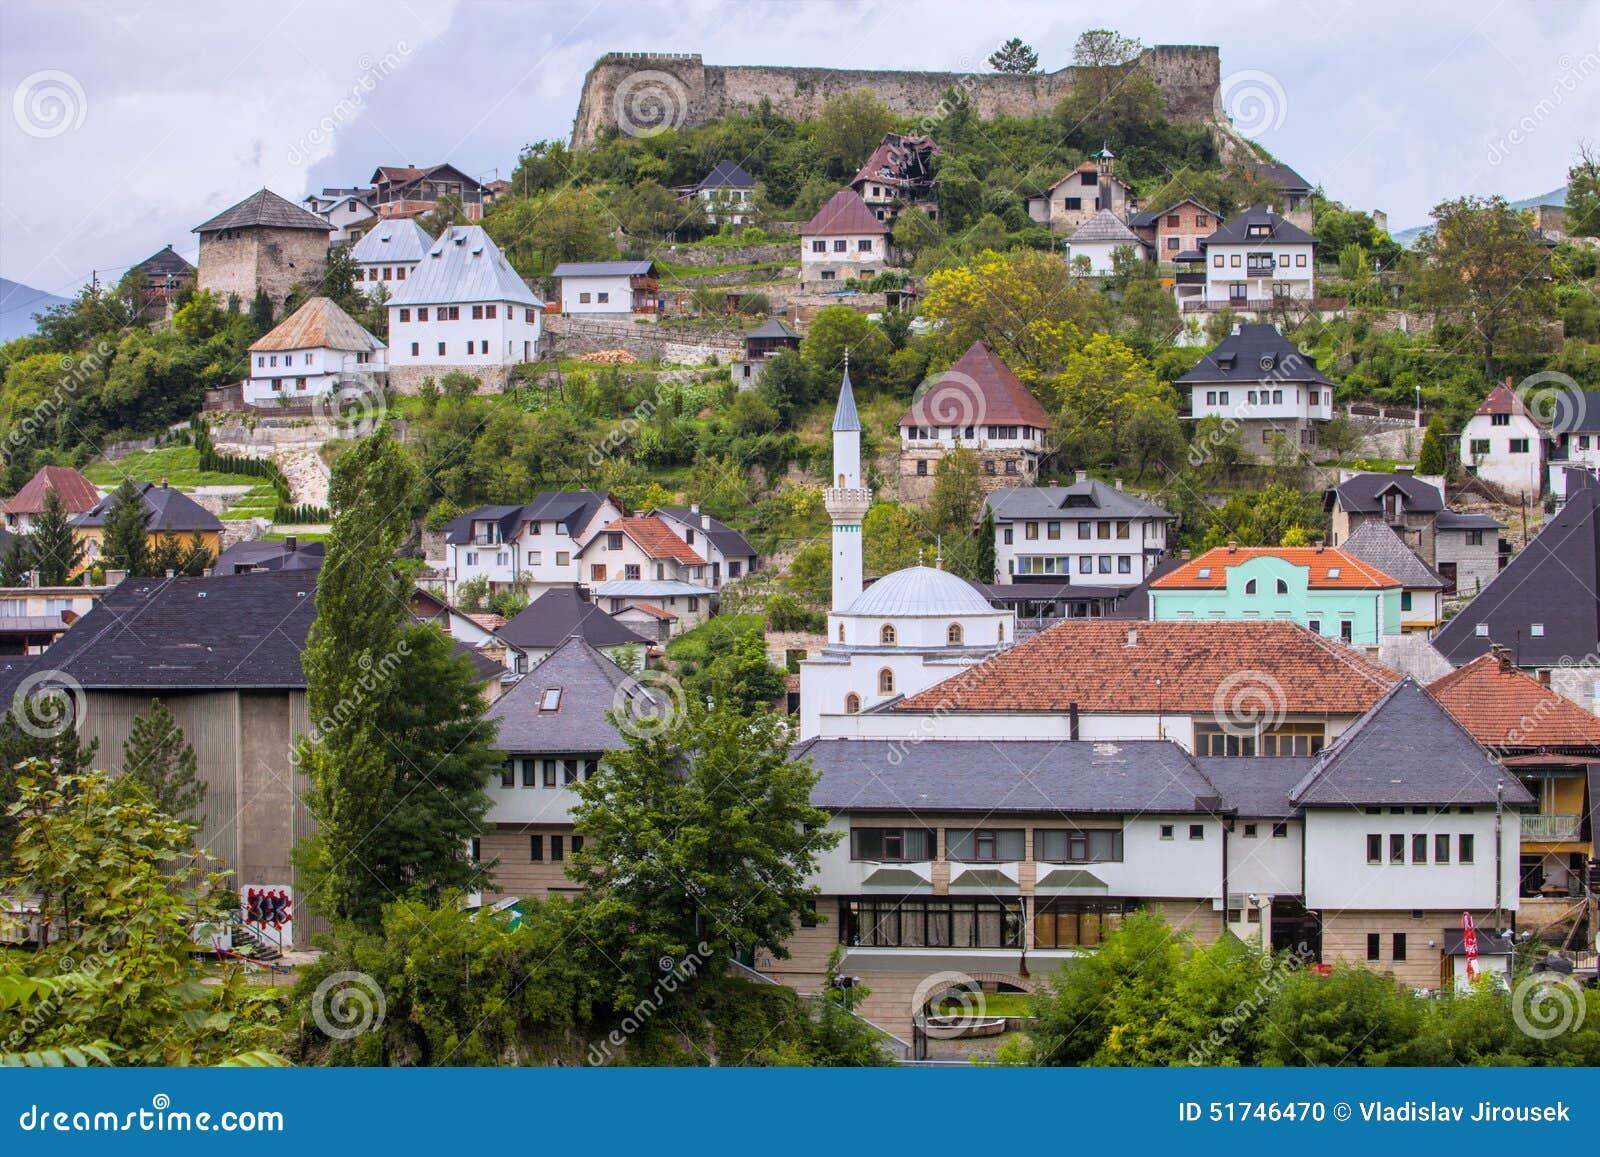 ansicht der stadt jablanica bosnien herzegovina stockfoto bild von haupts chlich tourist. Black Bedroom Furniture Sets. Home Design Ideas